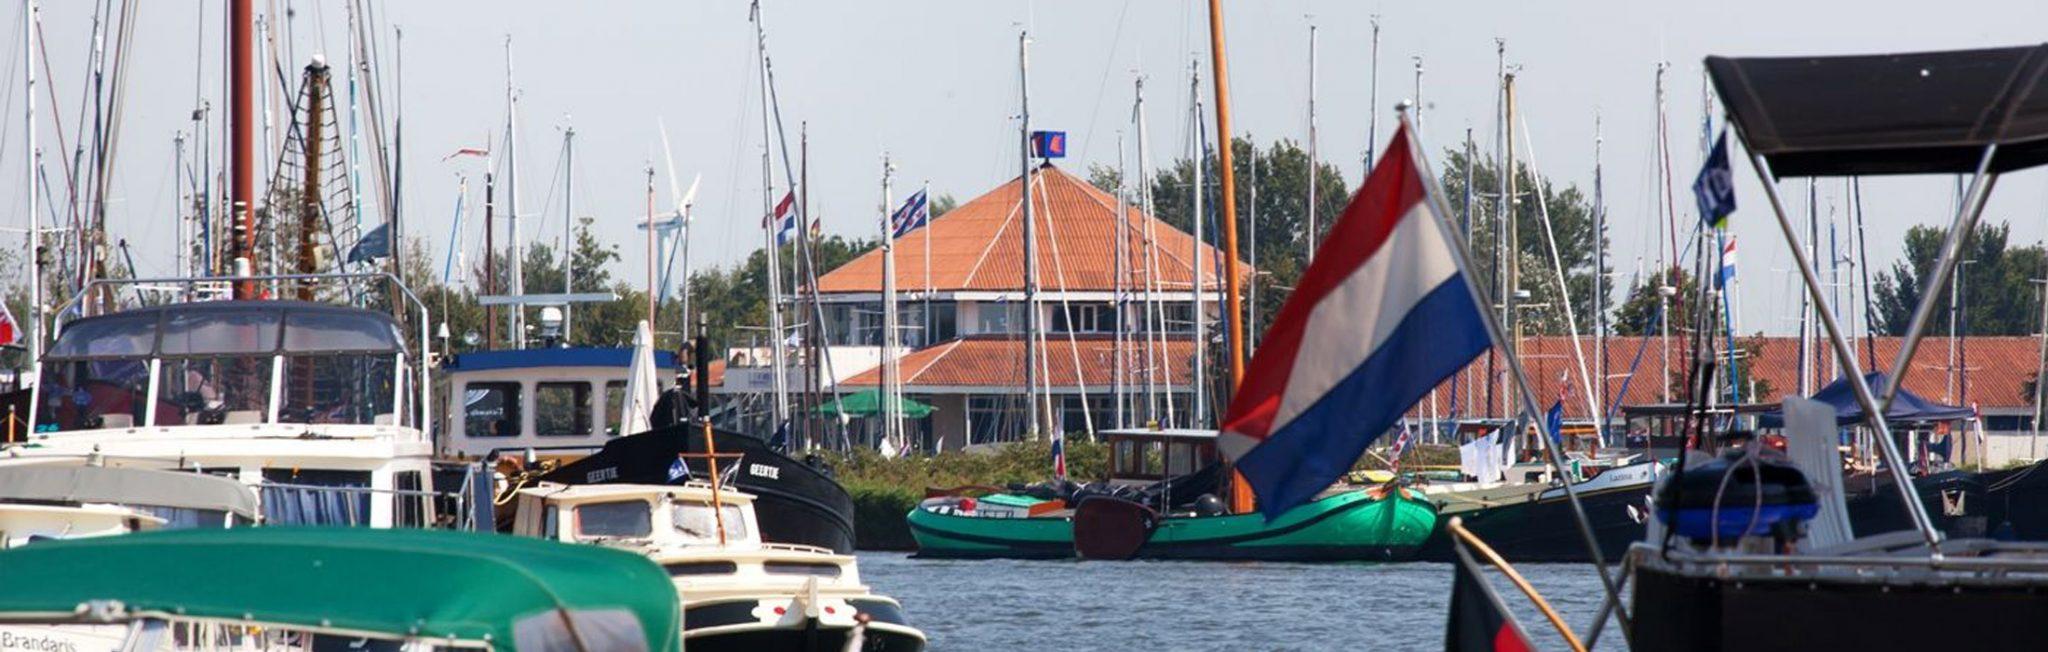 Neem eens een kijkje in onze haven,</br>u bent welkom aan boord!